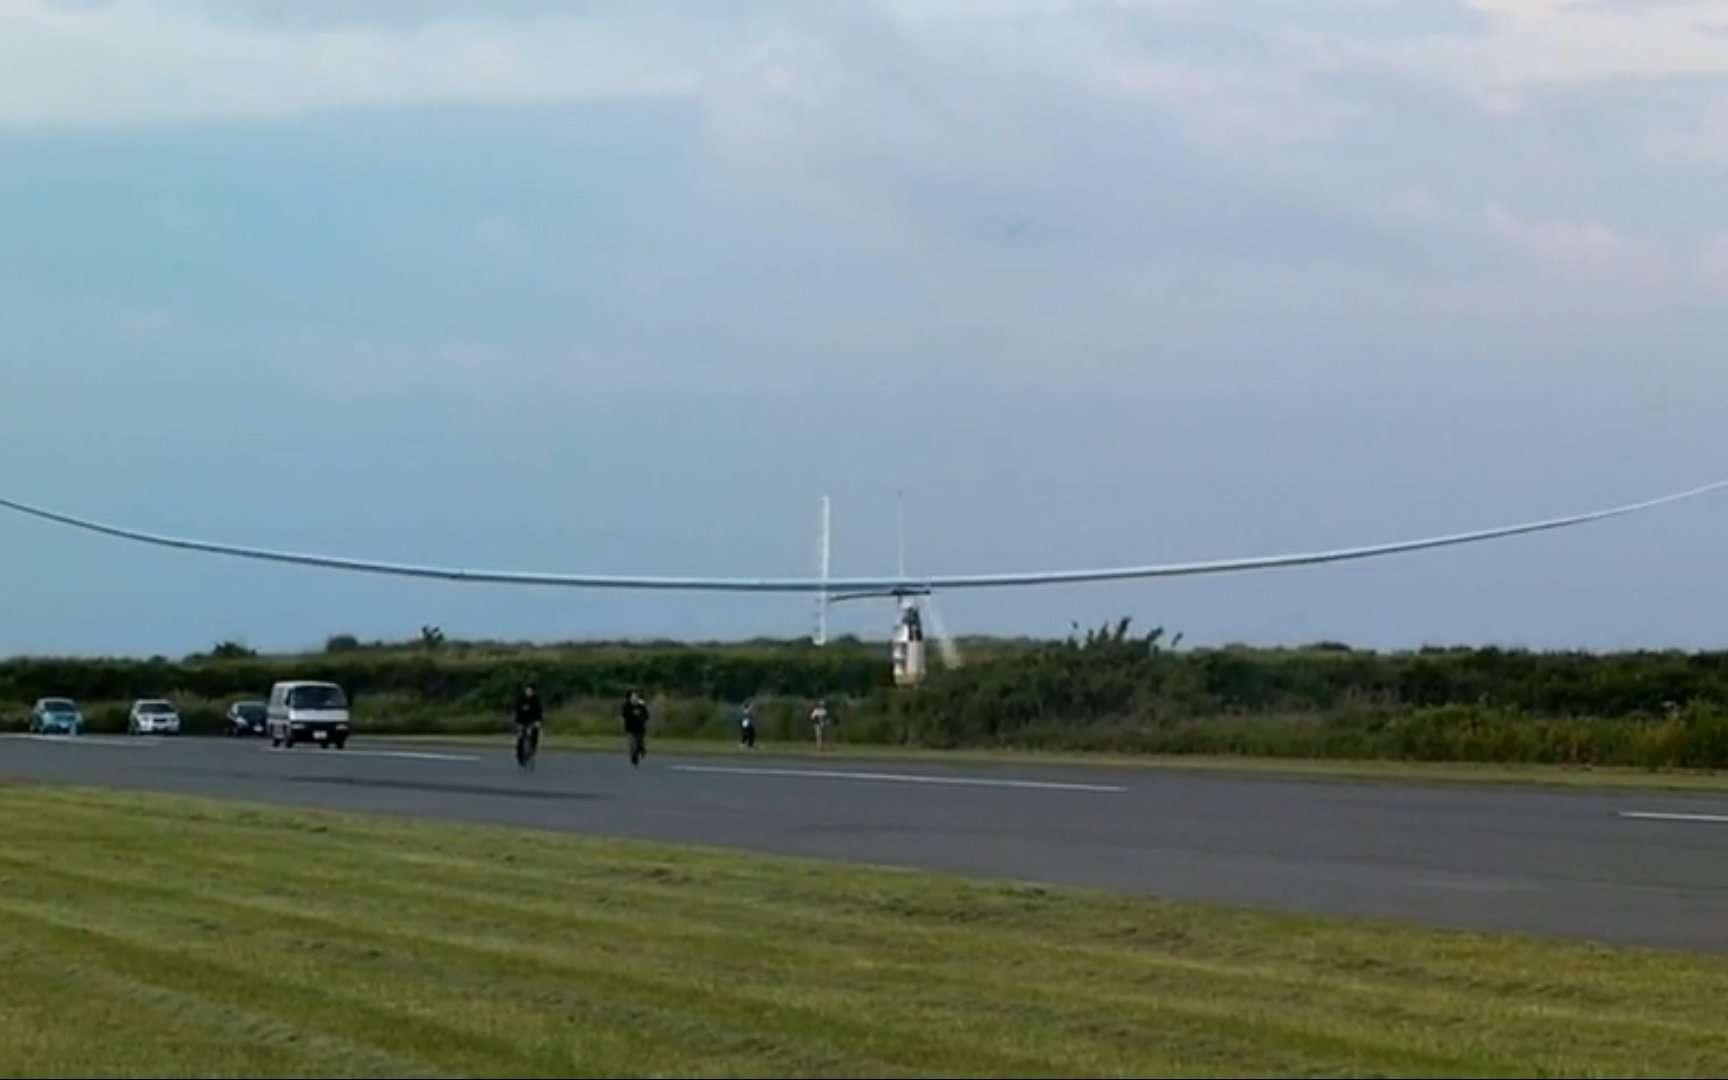 Le Gokuraku Tombo décollant lors d'un vol d'essai en 2010, mû par la seule force musculaire. © Aeroscepsy, Yamaha